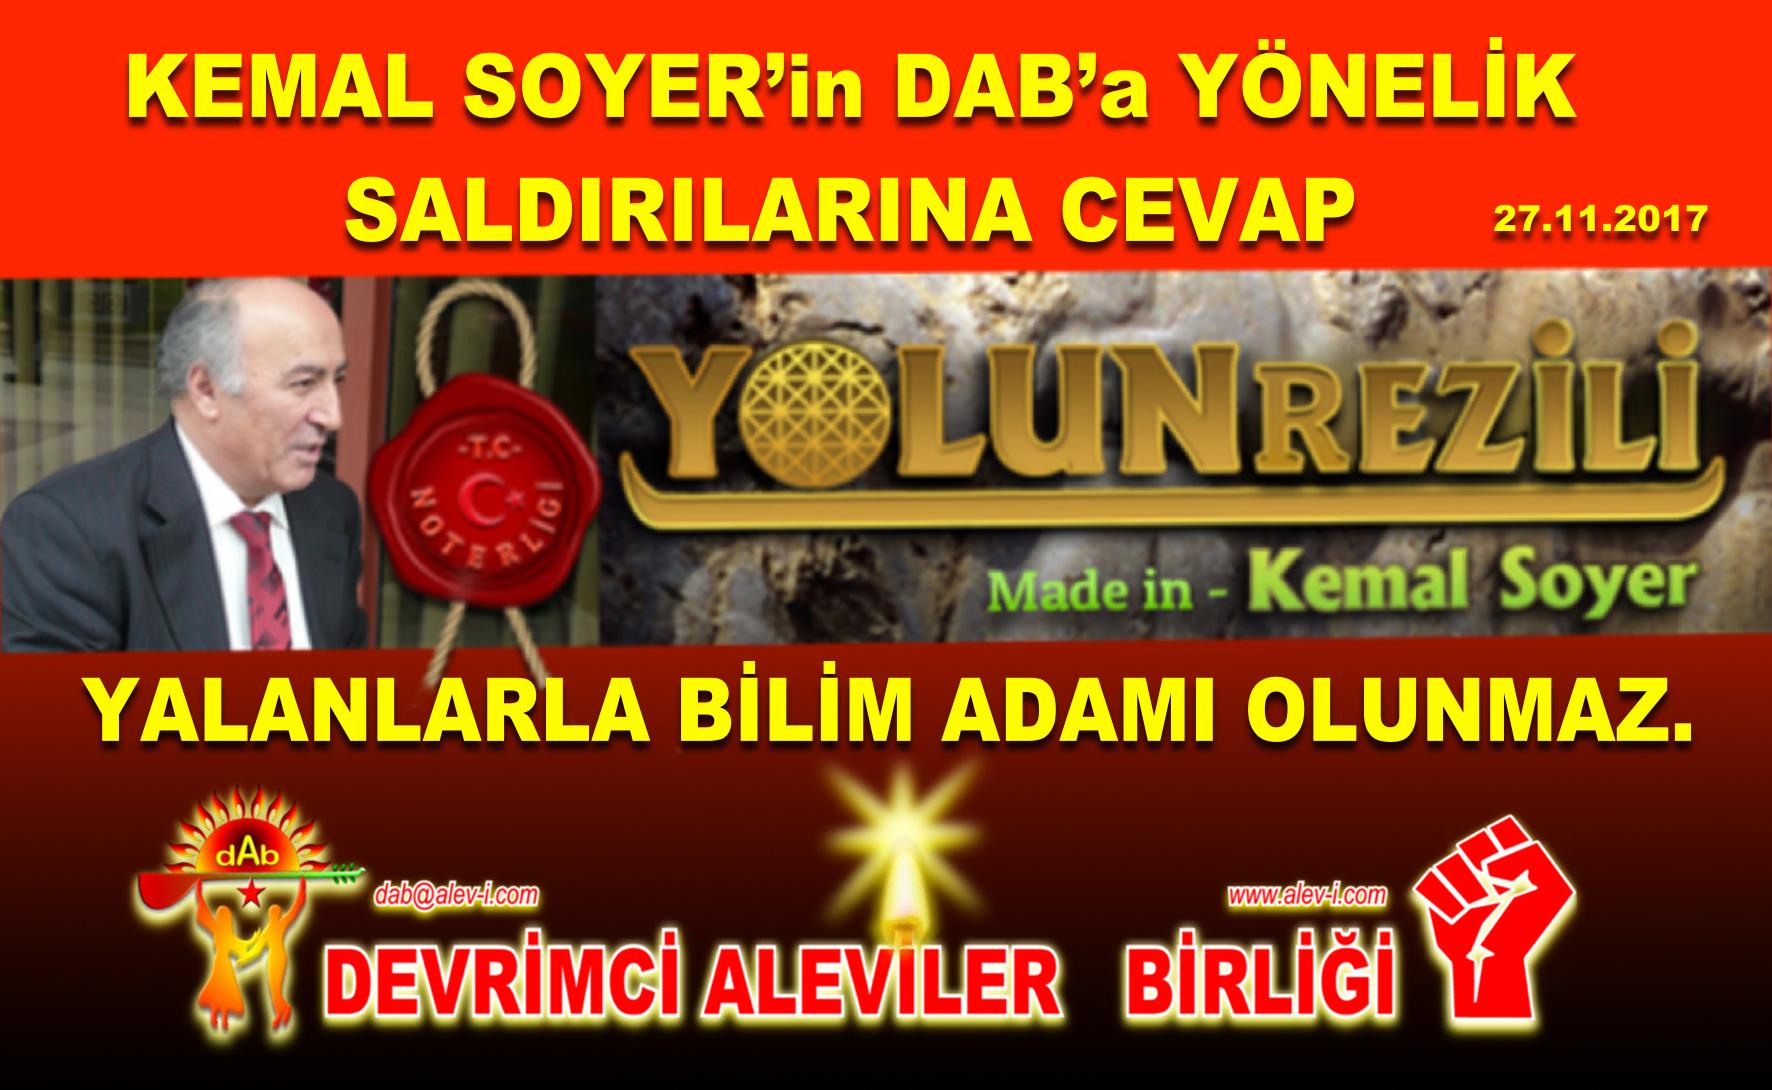 kemal soyer kapak Yolun ezeli Alevi cem semah Bektaşi kızılbaş pir sultan devrimci Aleviler DAB Acar